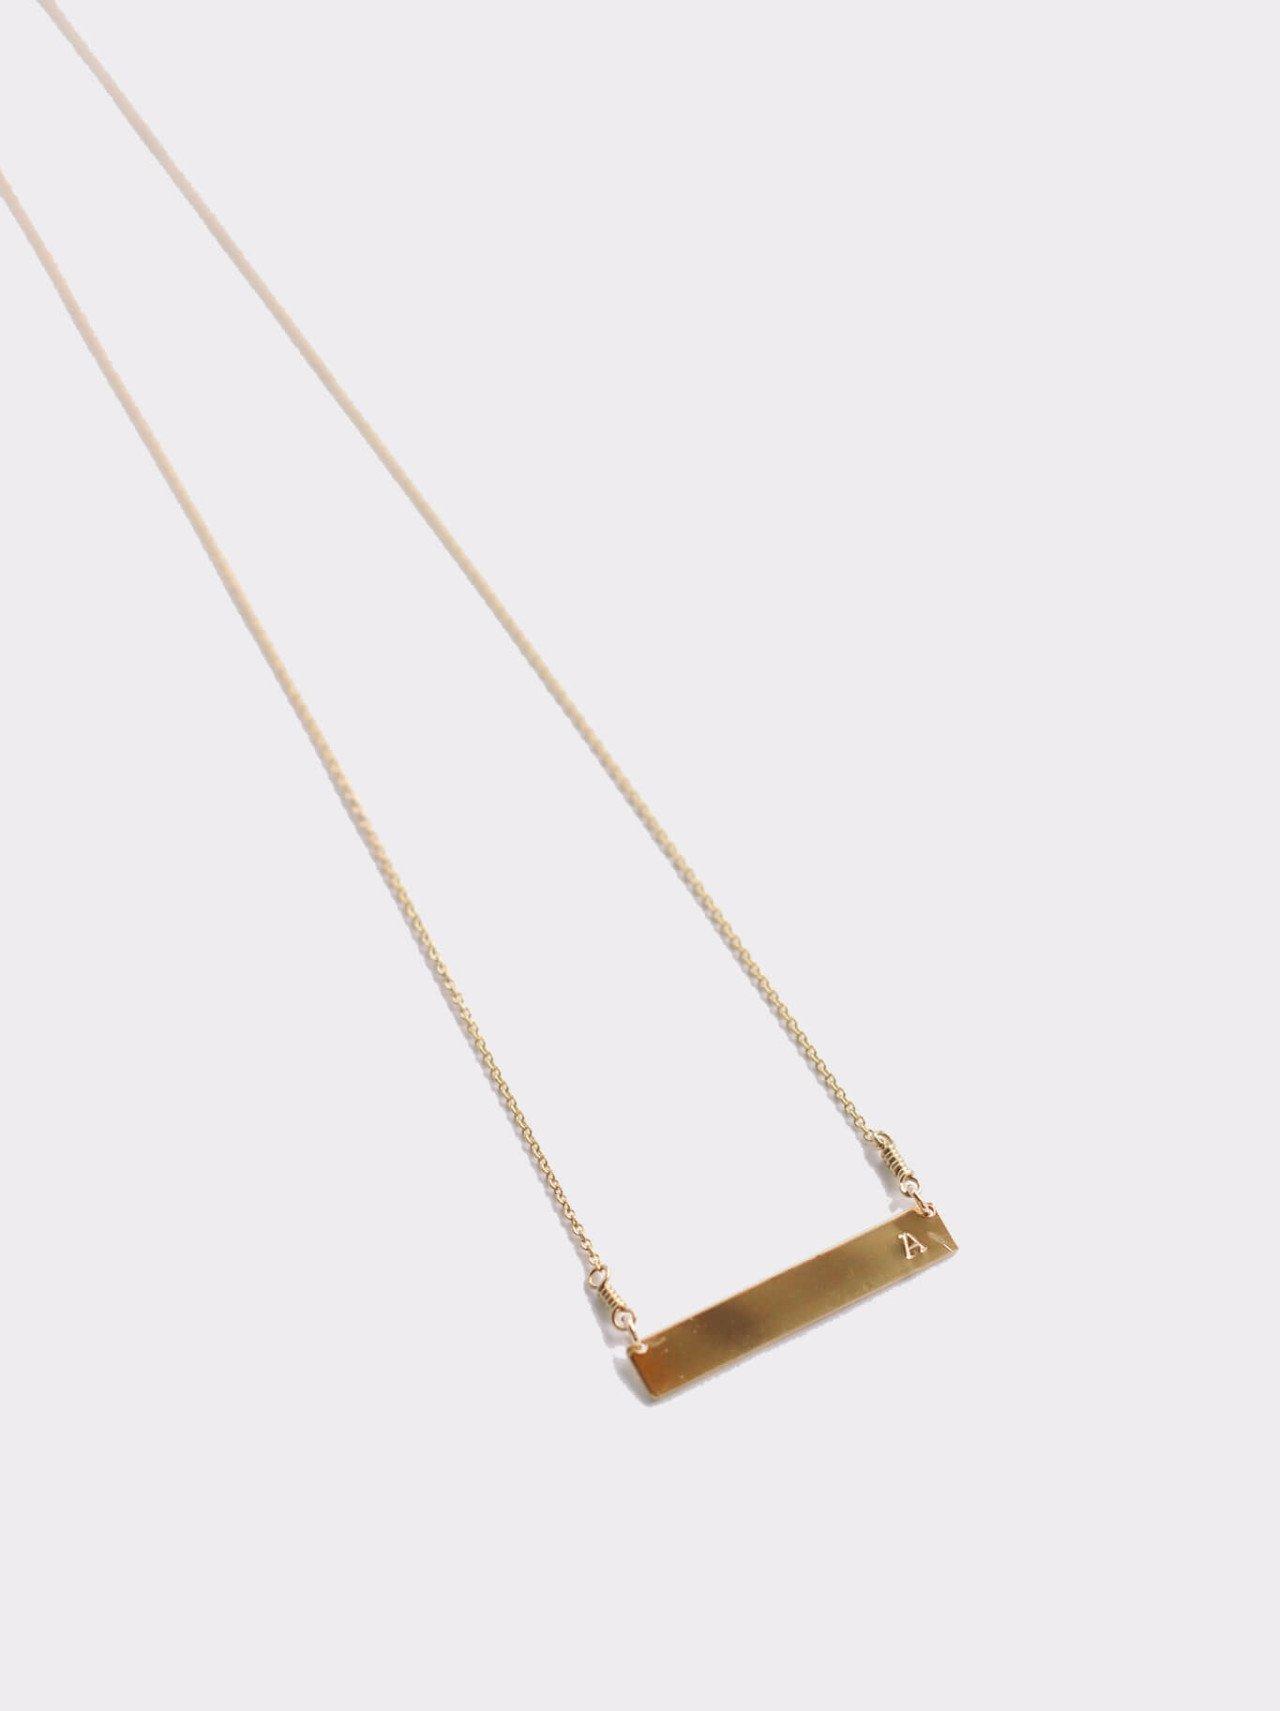 Fashionable Horizon Necklace  |$58